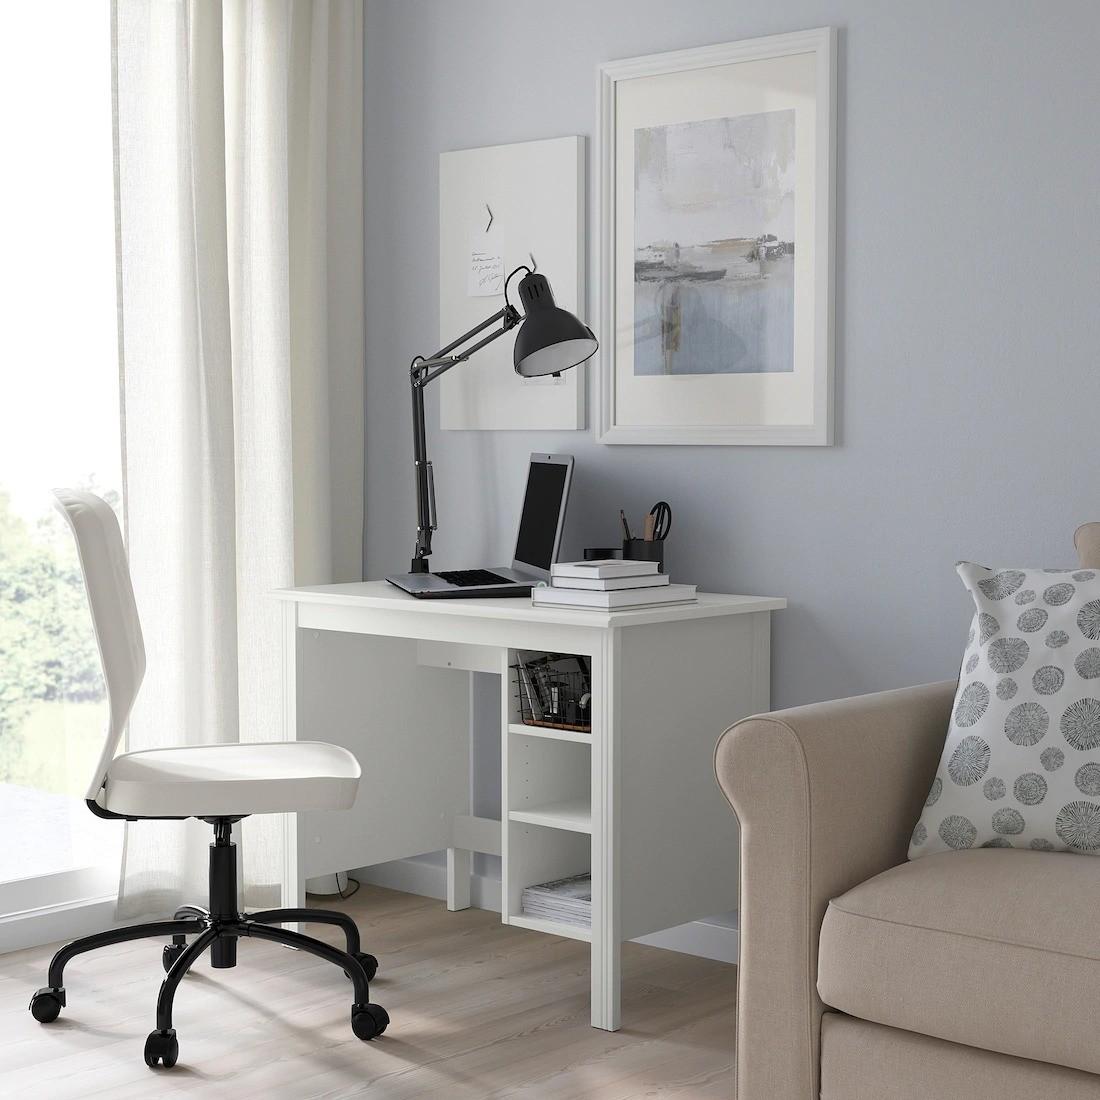 Cinco Escritorios De Ikea El Corte Inglés Y La Redoute Para Integrar Un Puesto De Trabajo En Casa De Manera Discreta